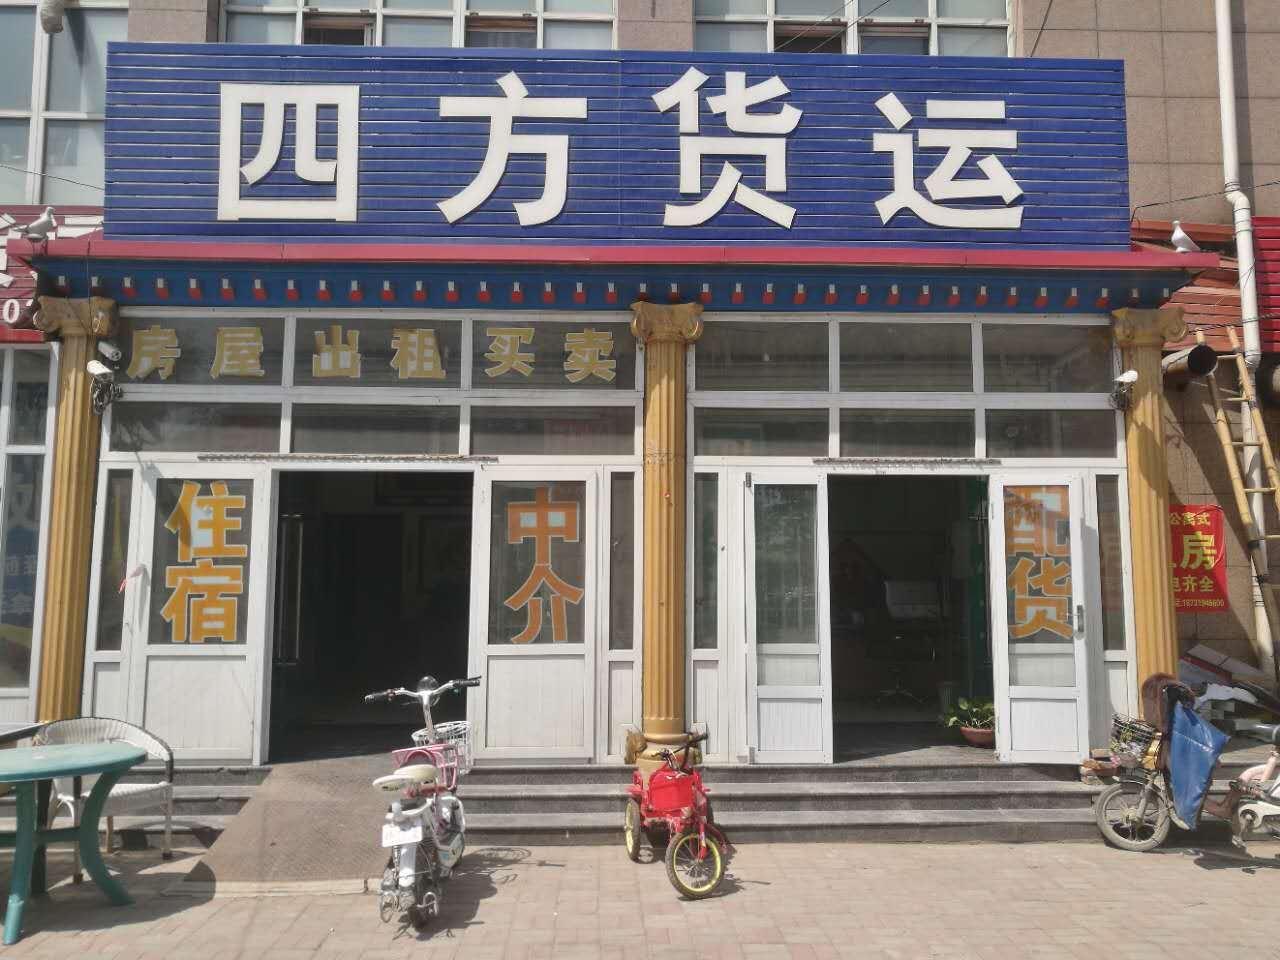 邢台到邢台物流专线(宁晋县四方货运服务部)